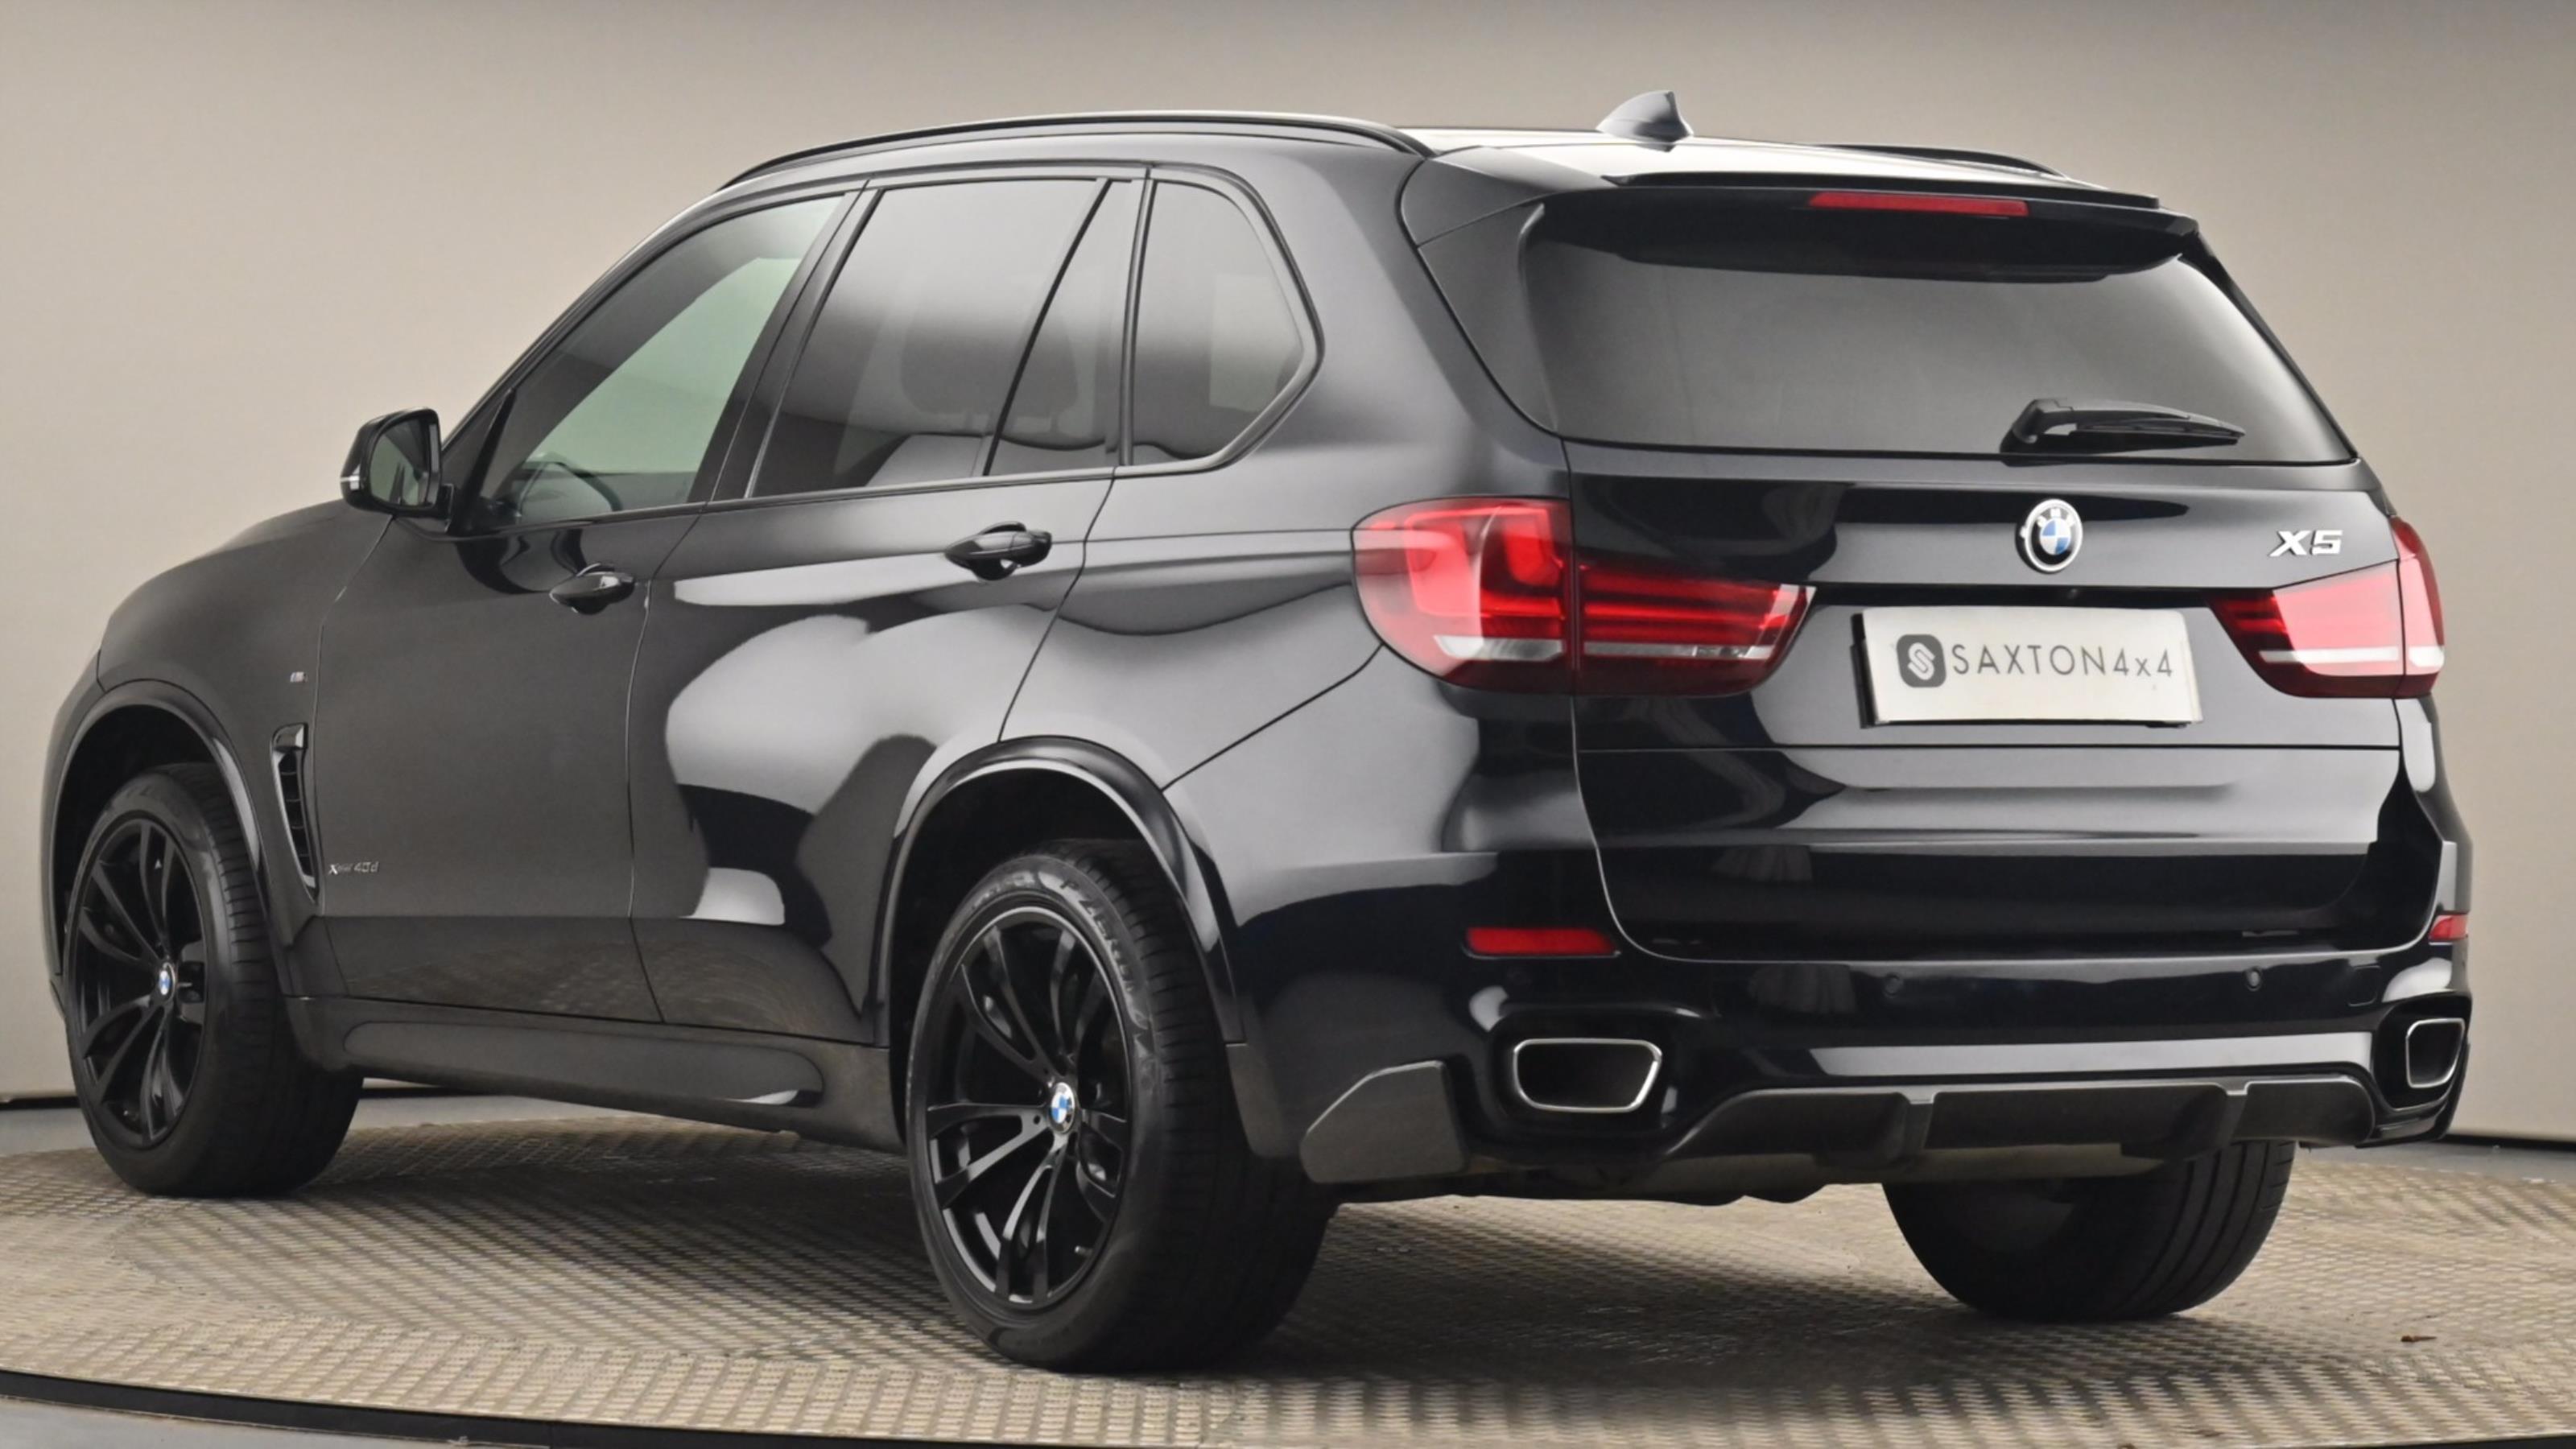 Used 2017 BMW X5 xDrive40d M Sport 5dr Auto ~ at Saxton4x4